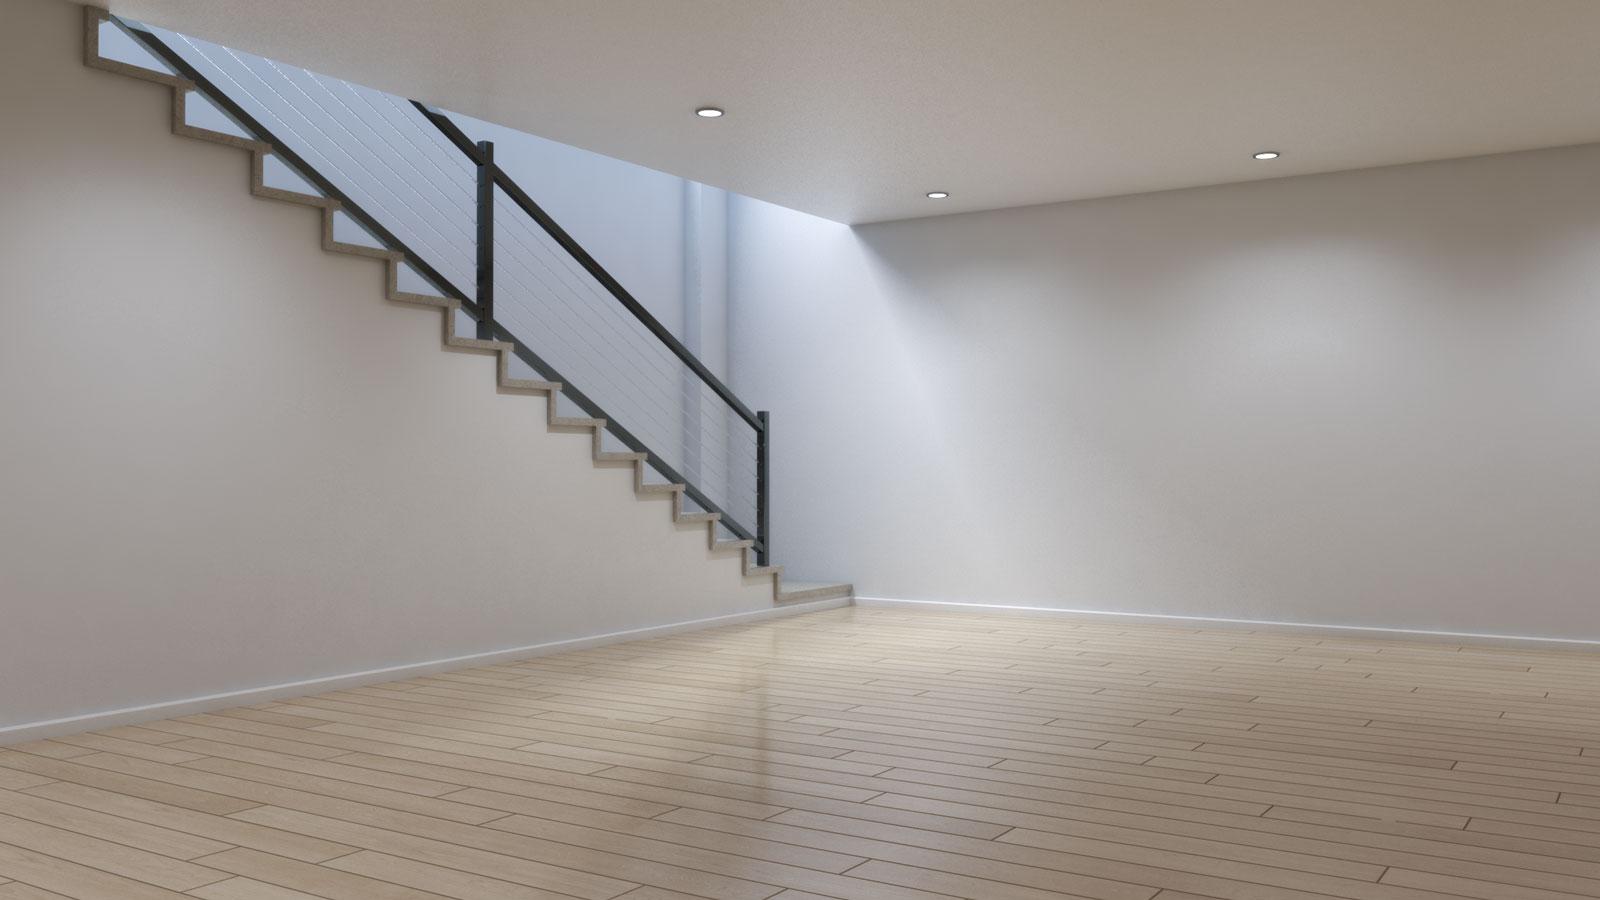 Basement using light natural wooden floors